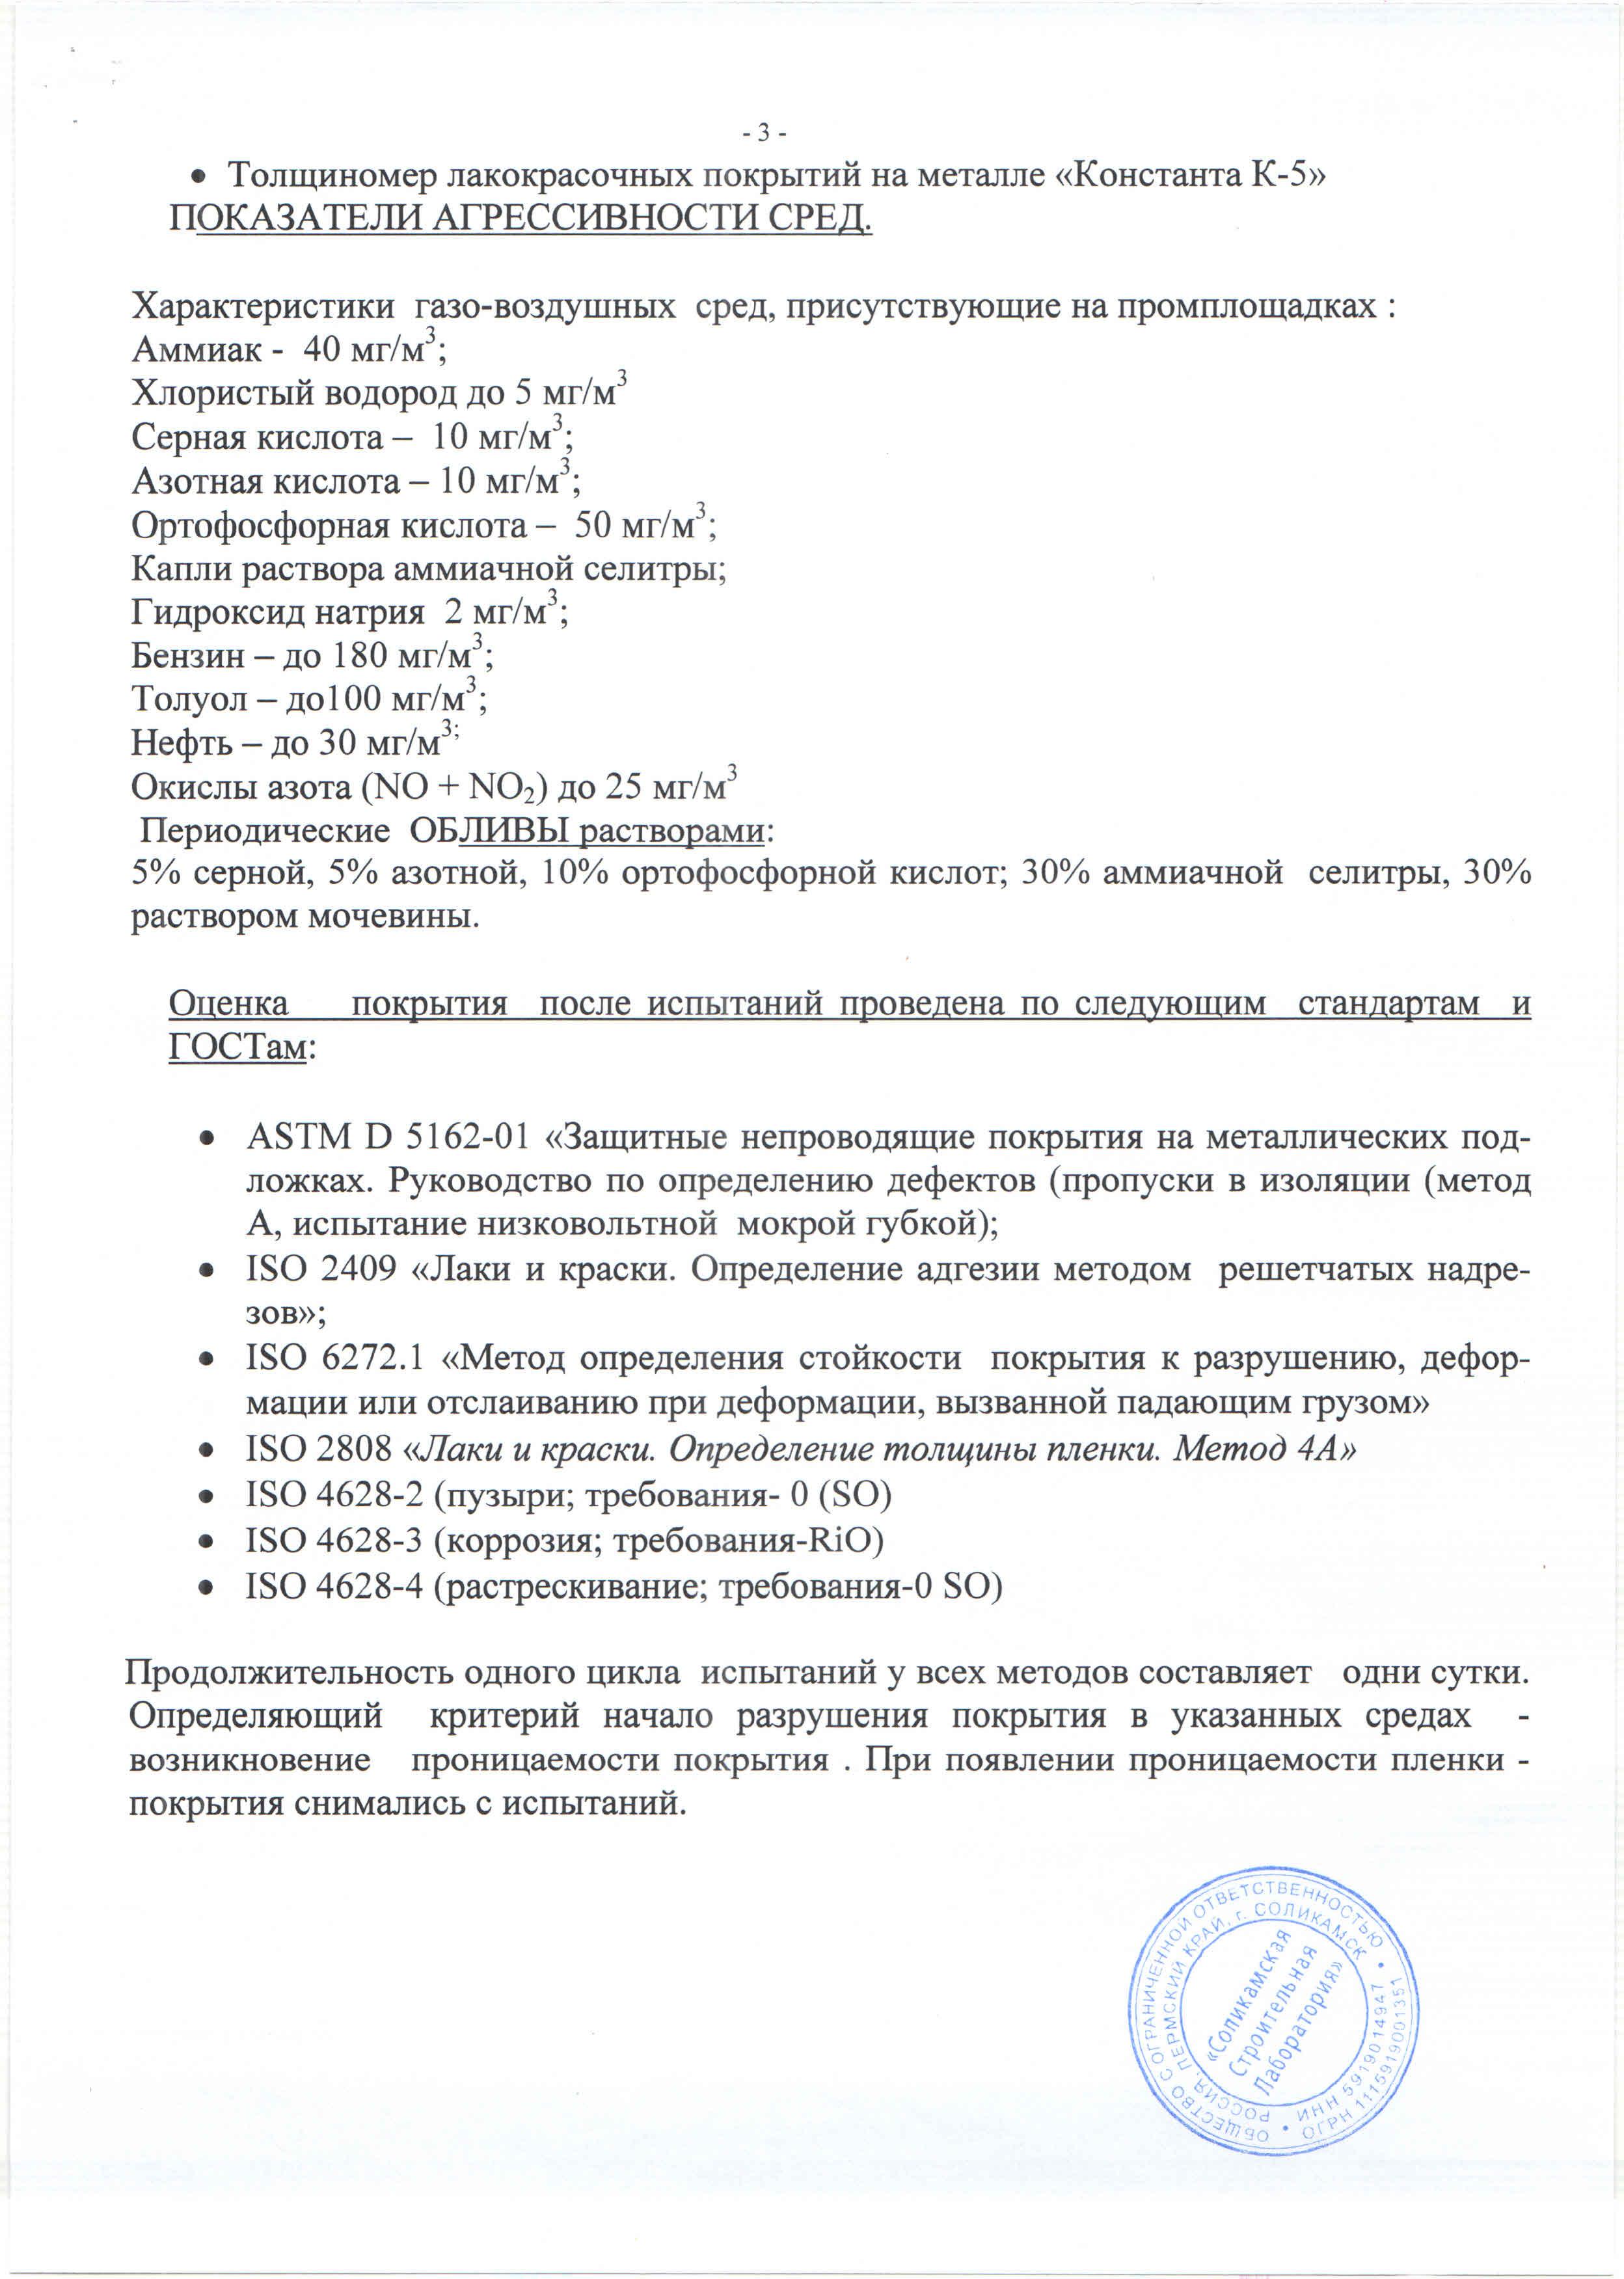 Заключение ООО «Соликамская строительная лаборатория» металл Уралхим 07N70007 N77007S70 (2)_Страница_3